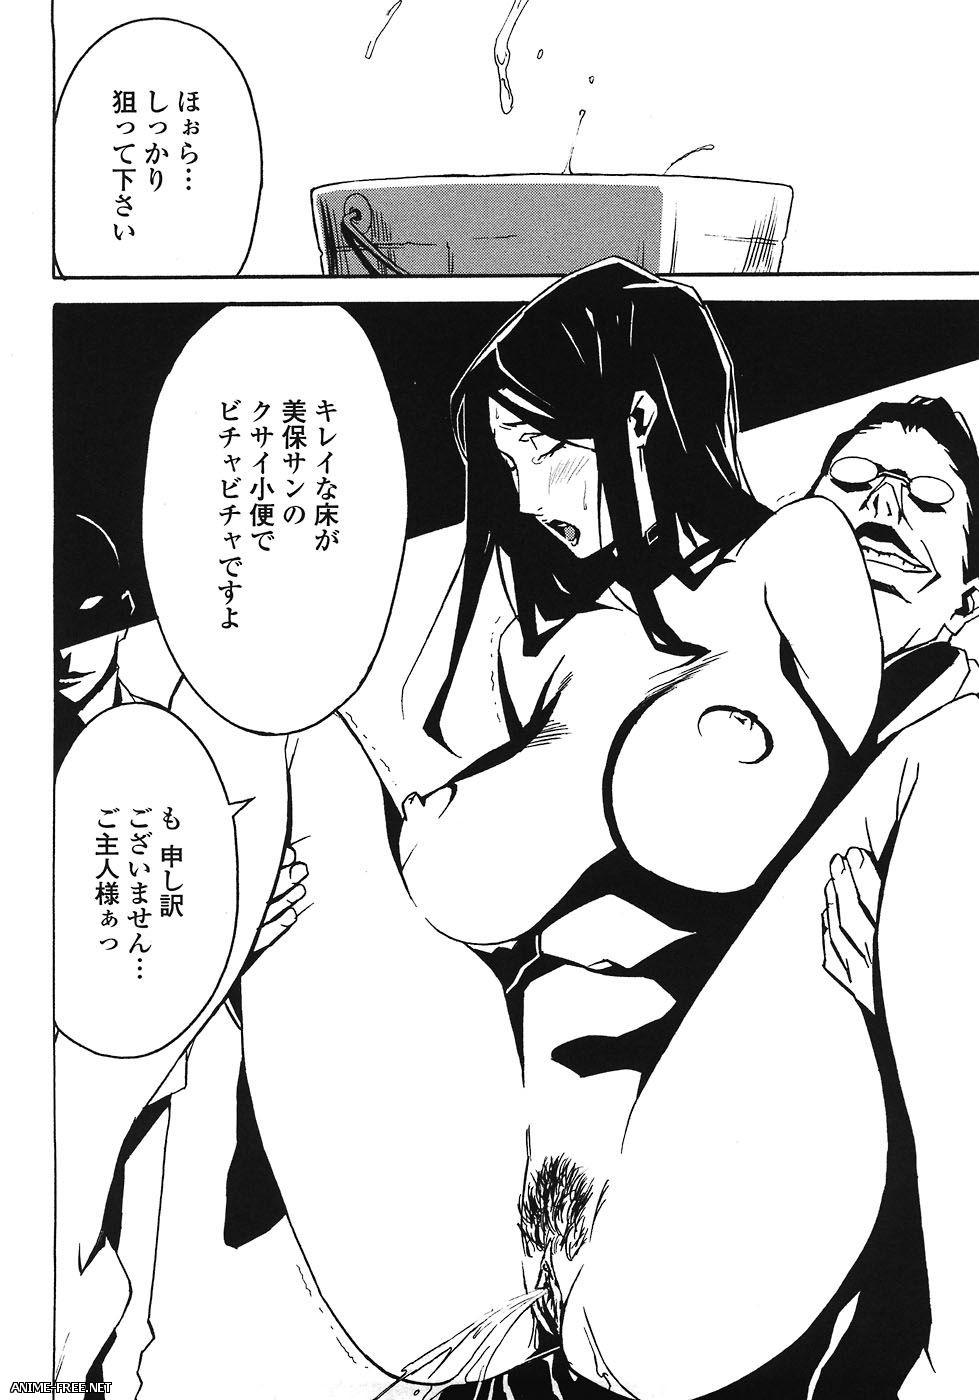 Miura Takehiro / GUNYOUMIKAN / RED SOX / studio C-TAKE — Сборник хентай манги [Ptcen] [ENG,JAP] Manga Hentai